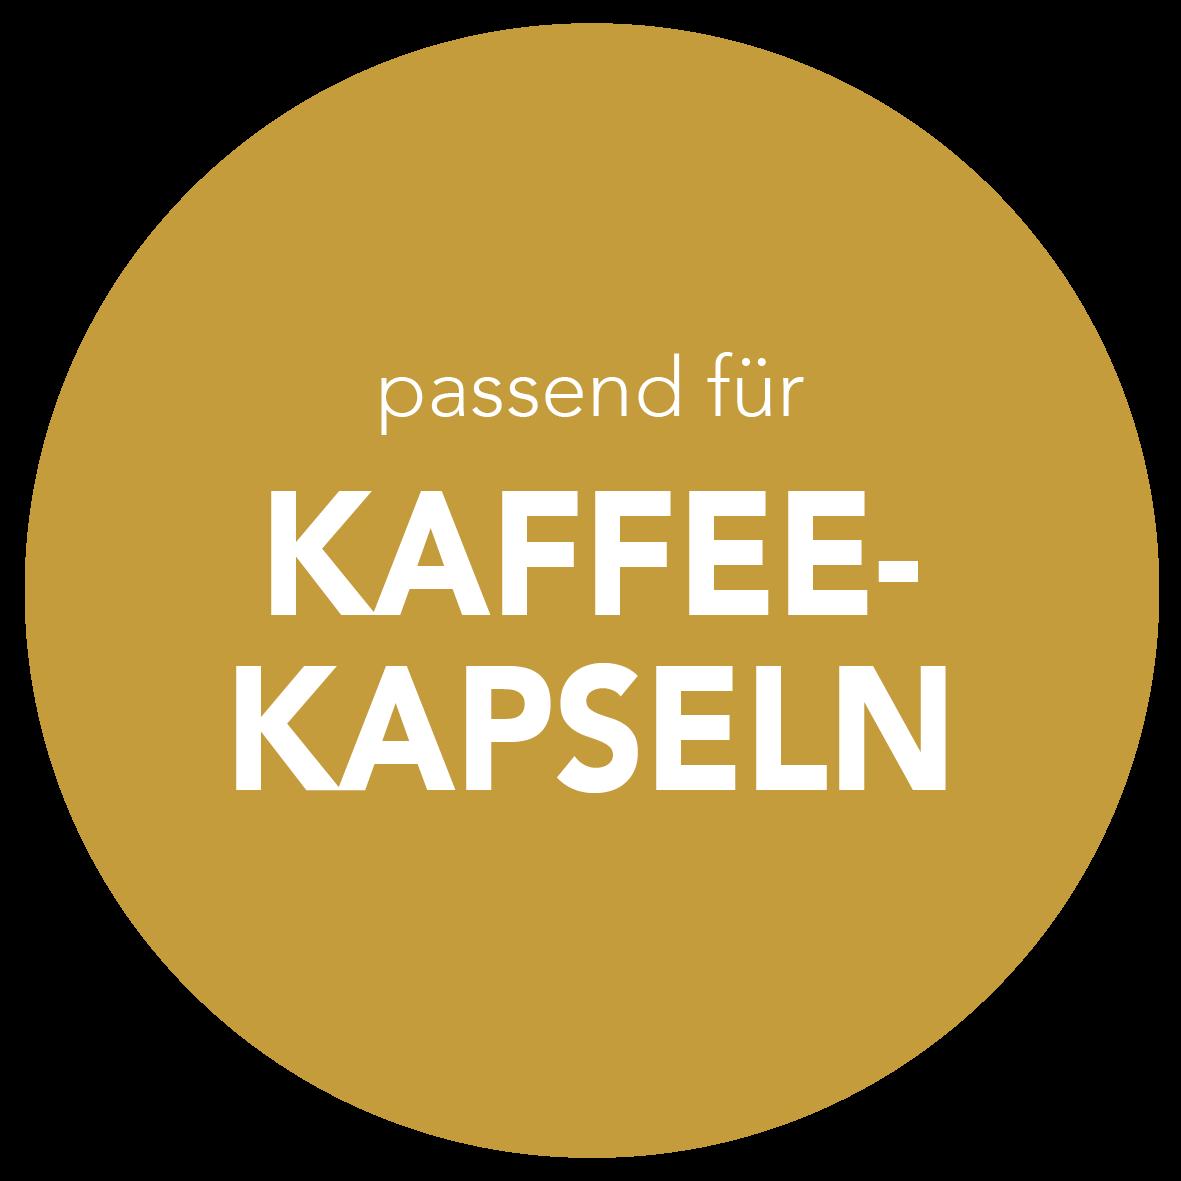 Adventskalender passend für Kaffeekapseln